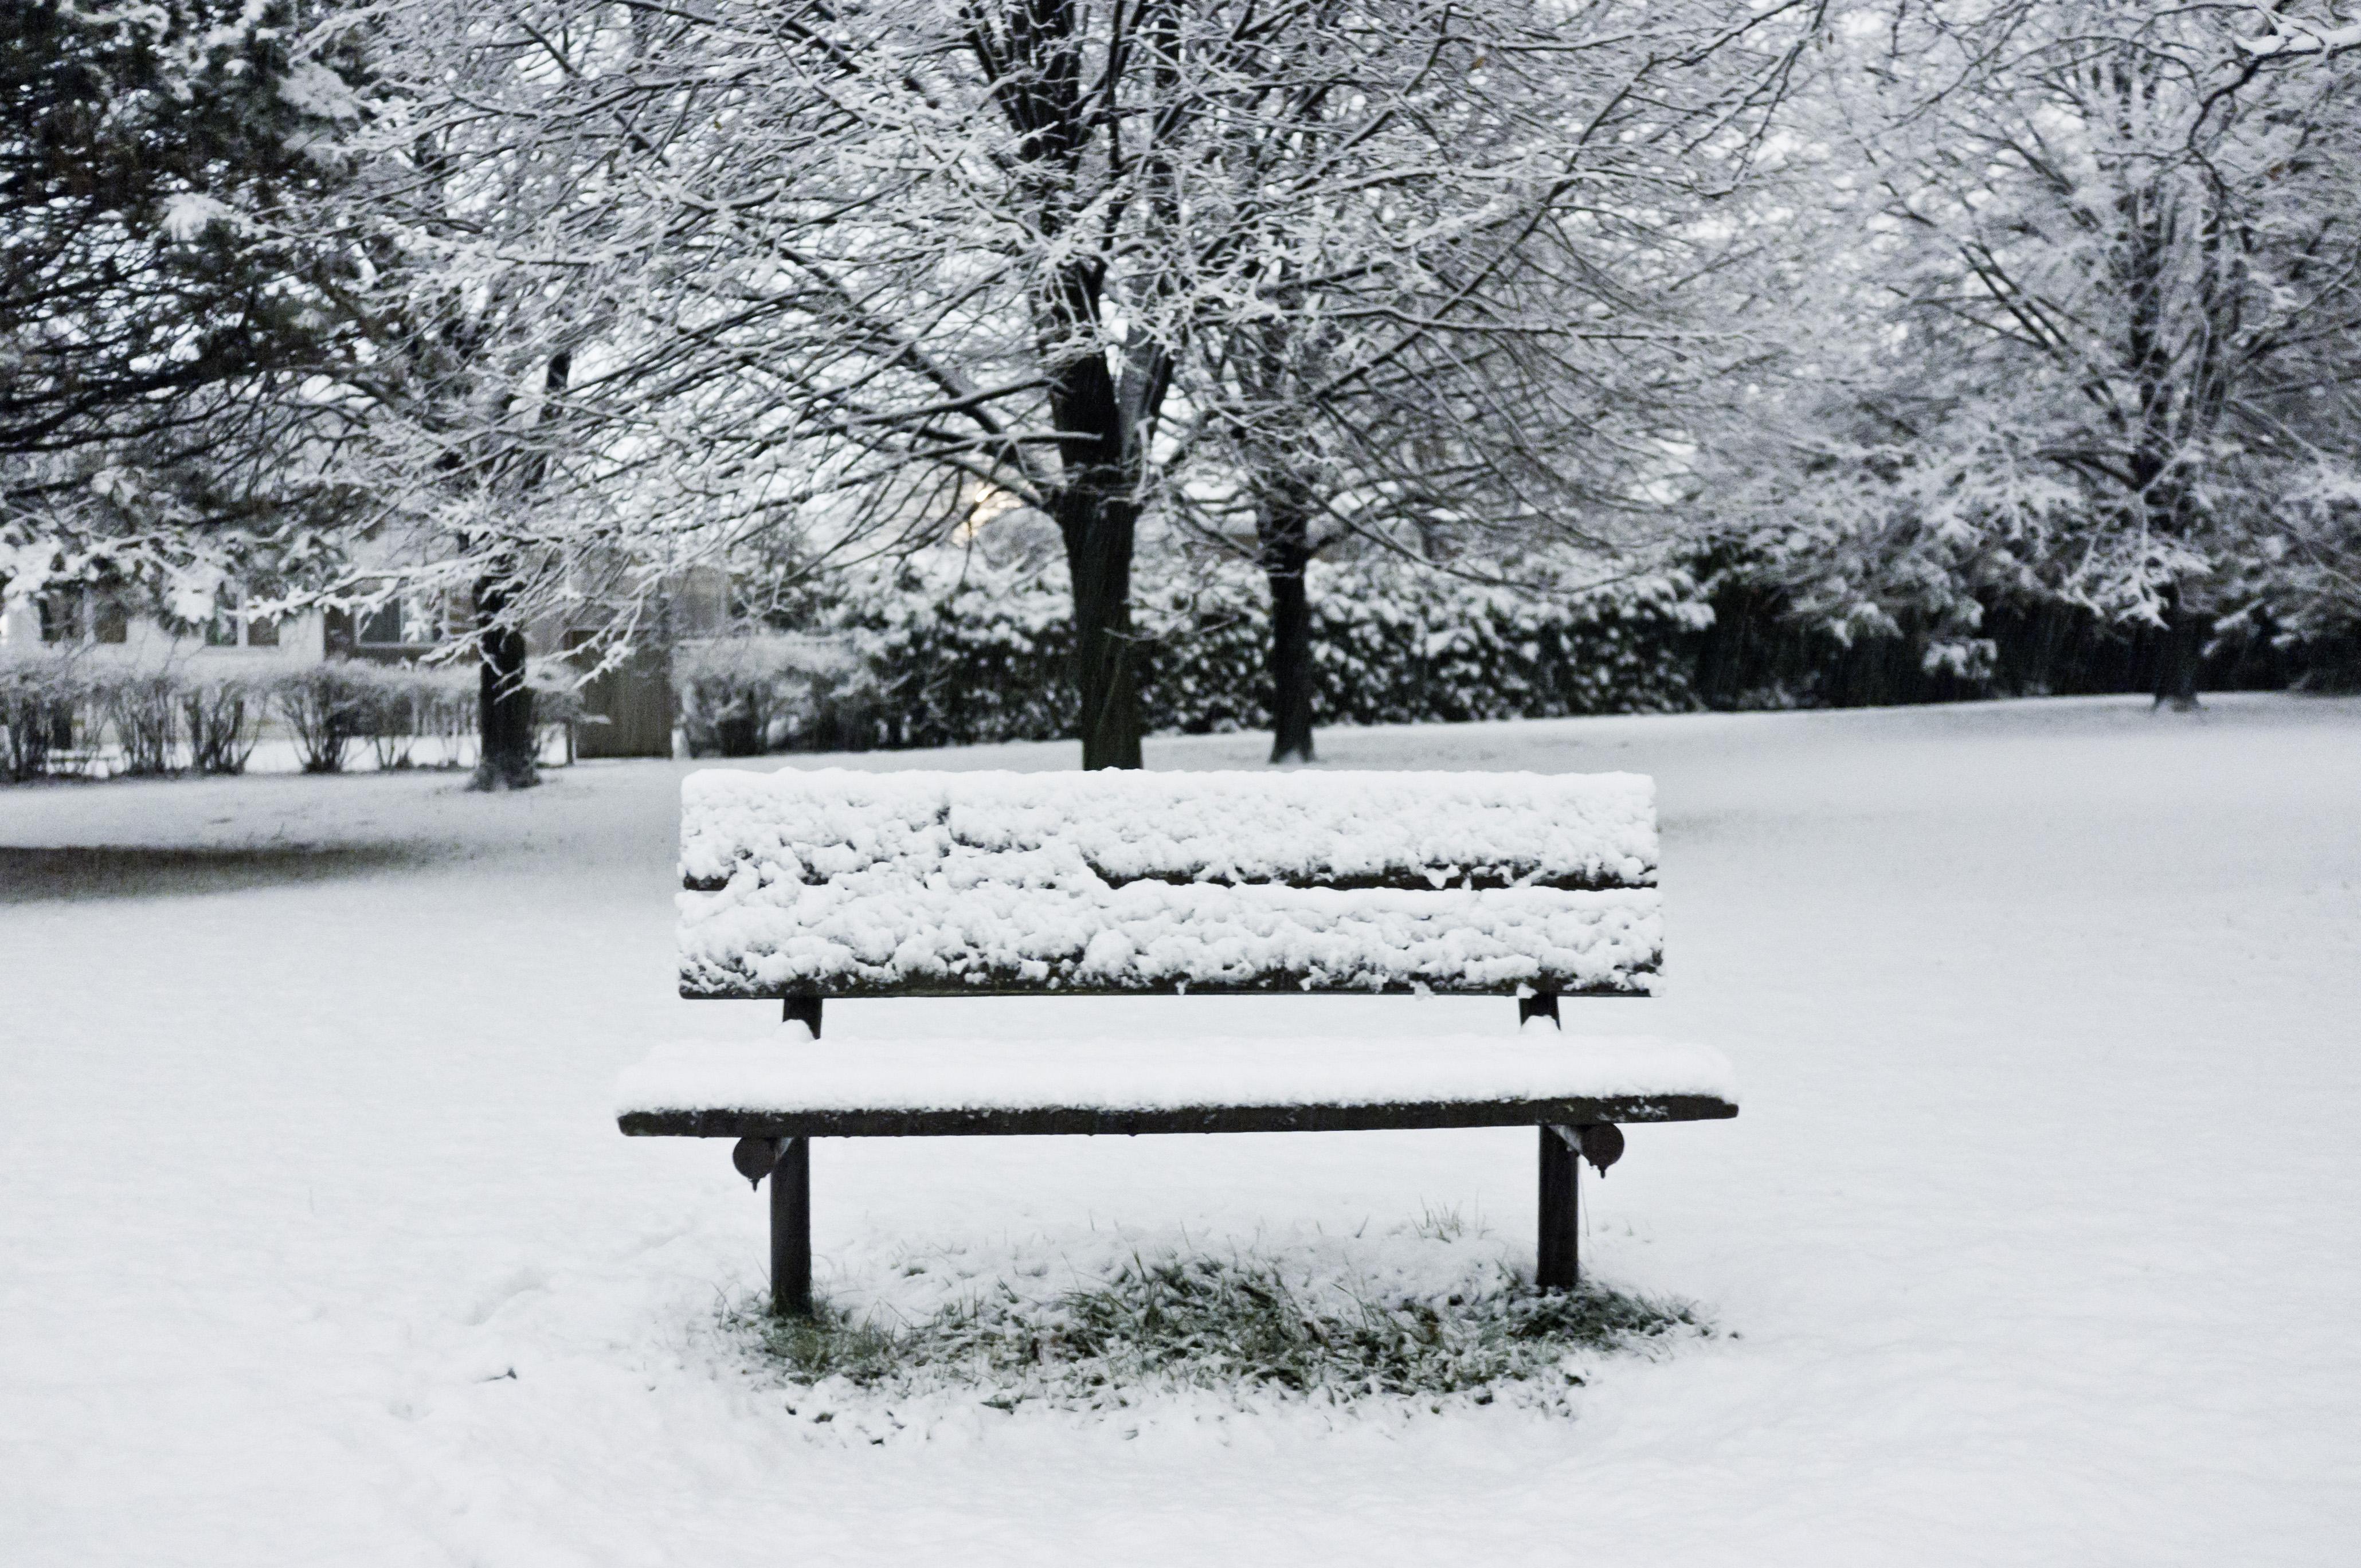 Ảnh mùa đông cô đơn